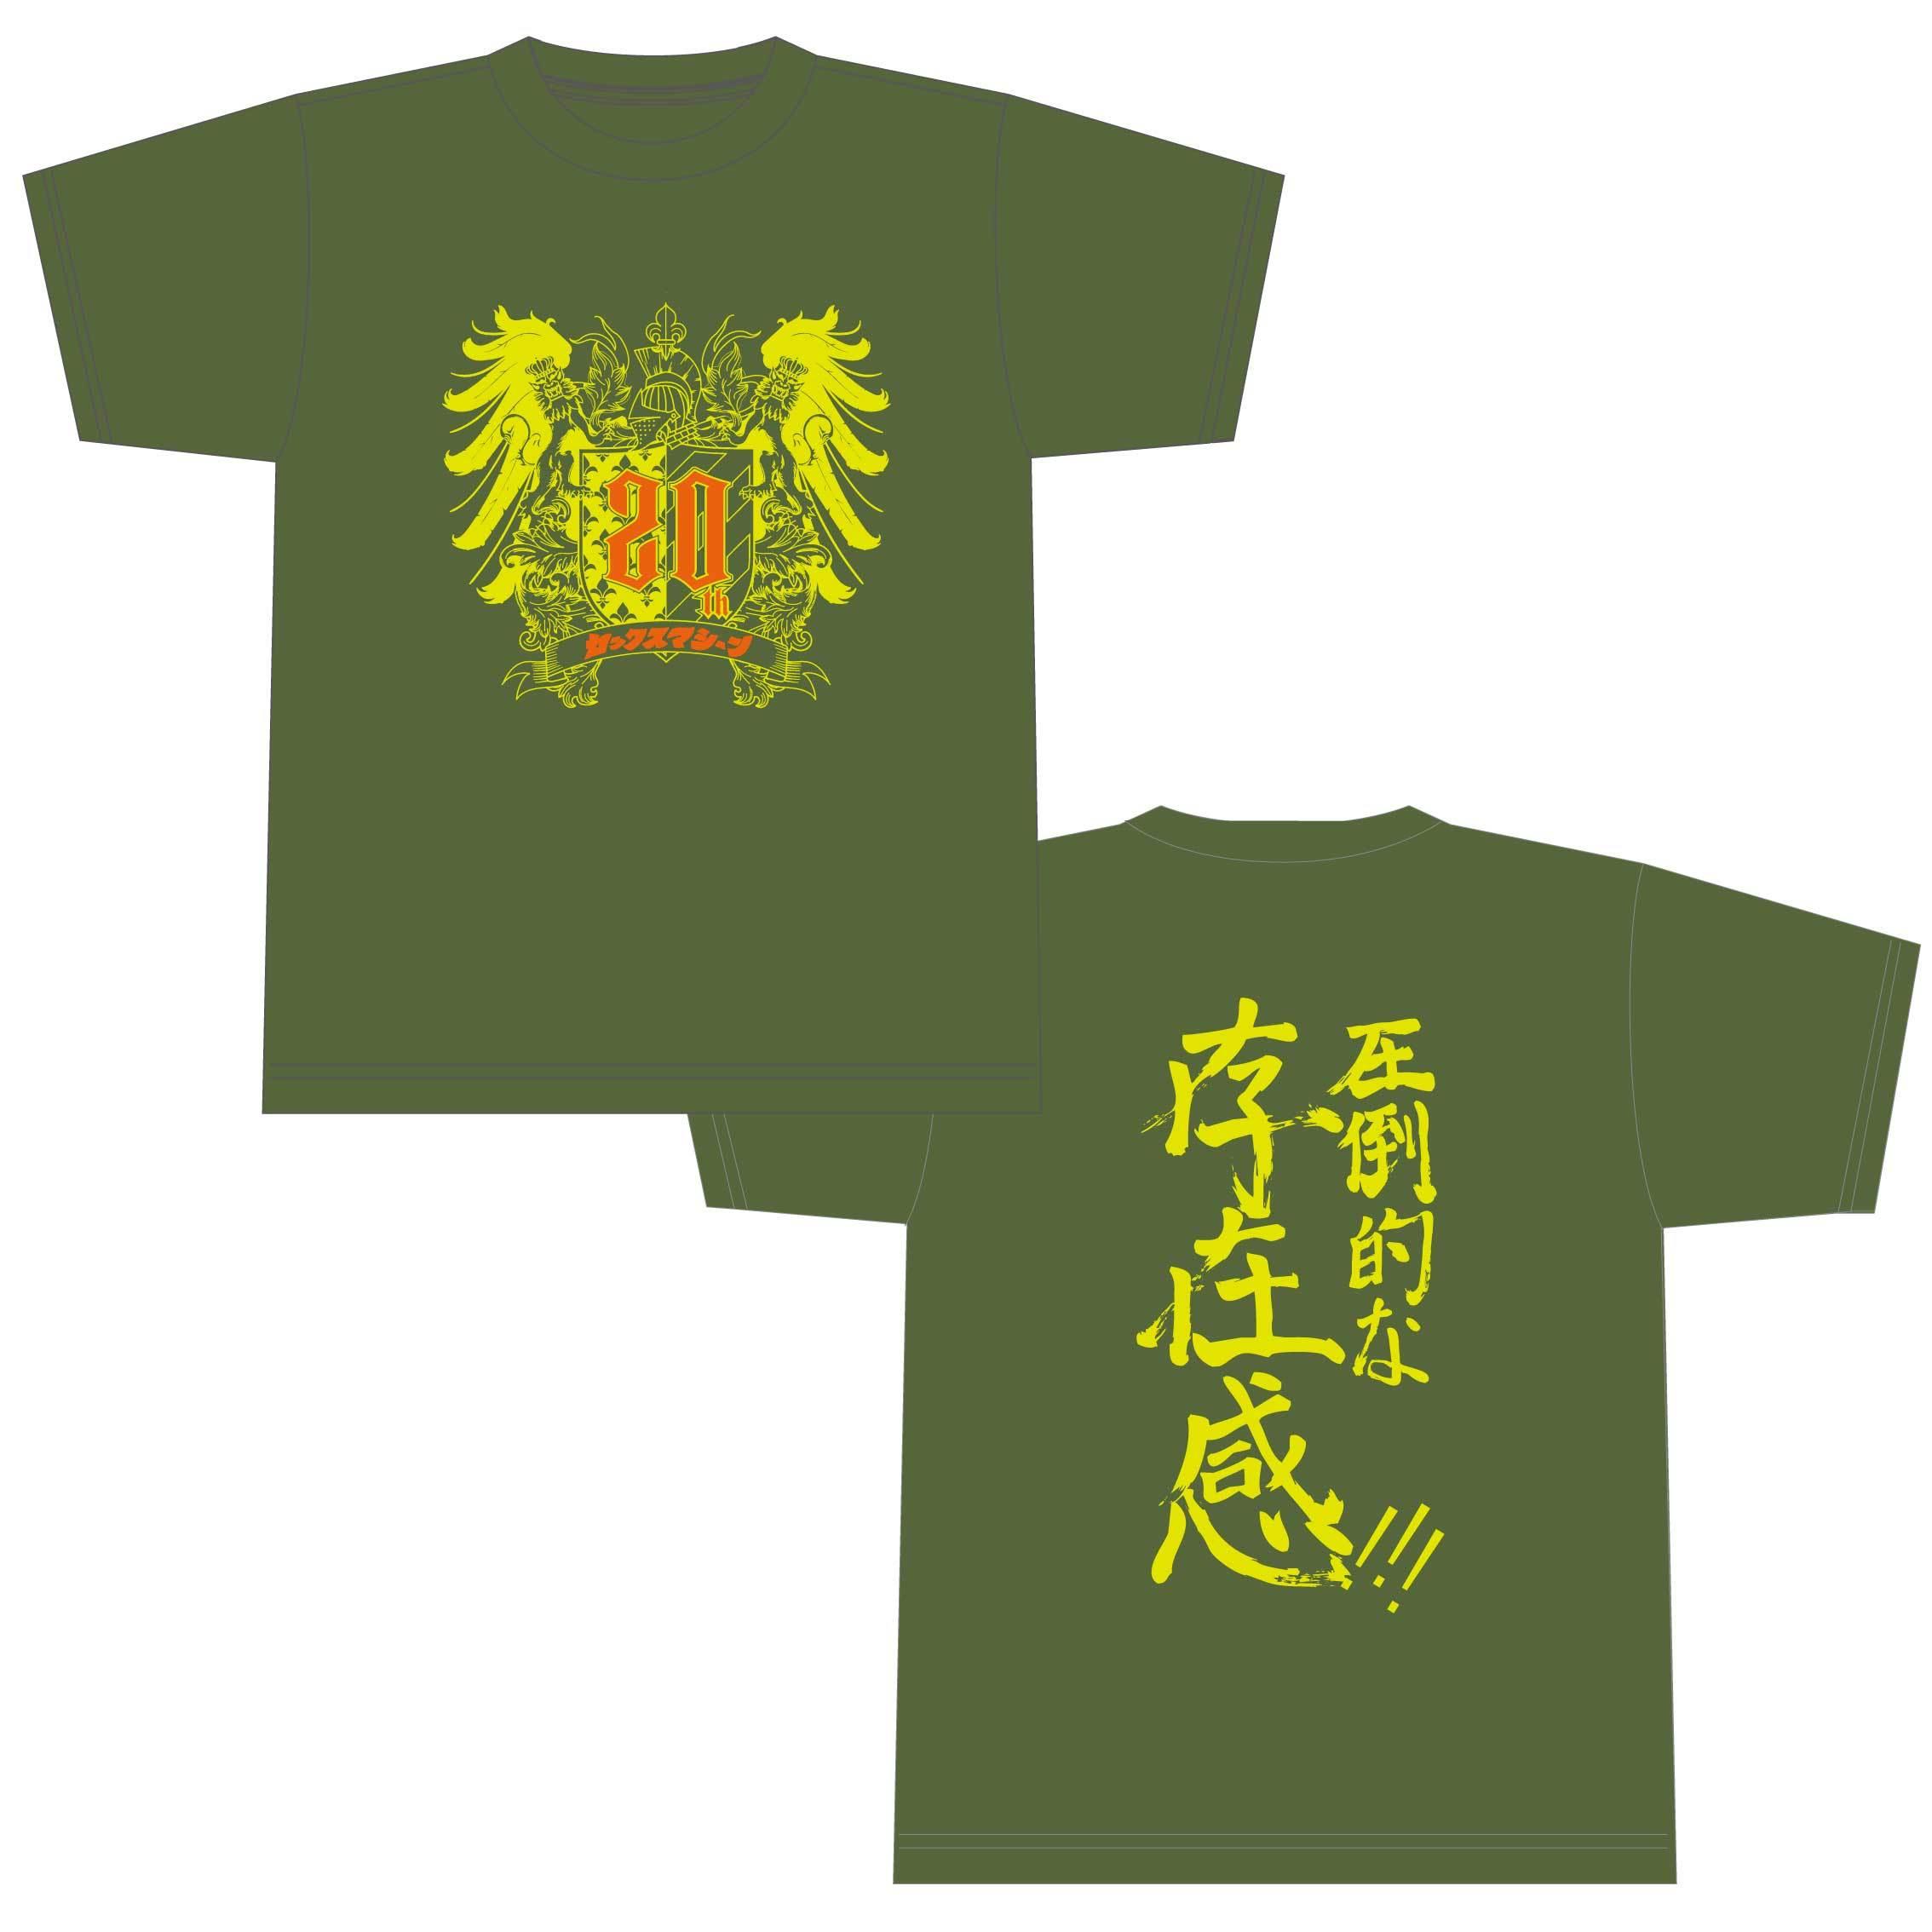 20周年Tシャツ(ホワイト、ブラック、オリーブ)